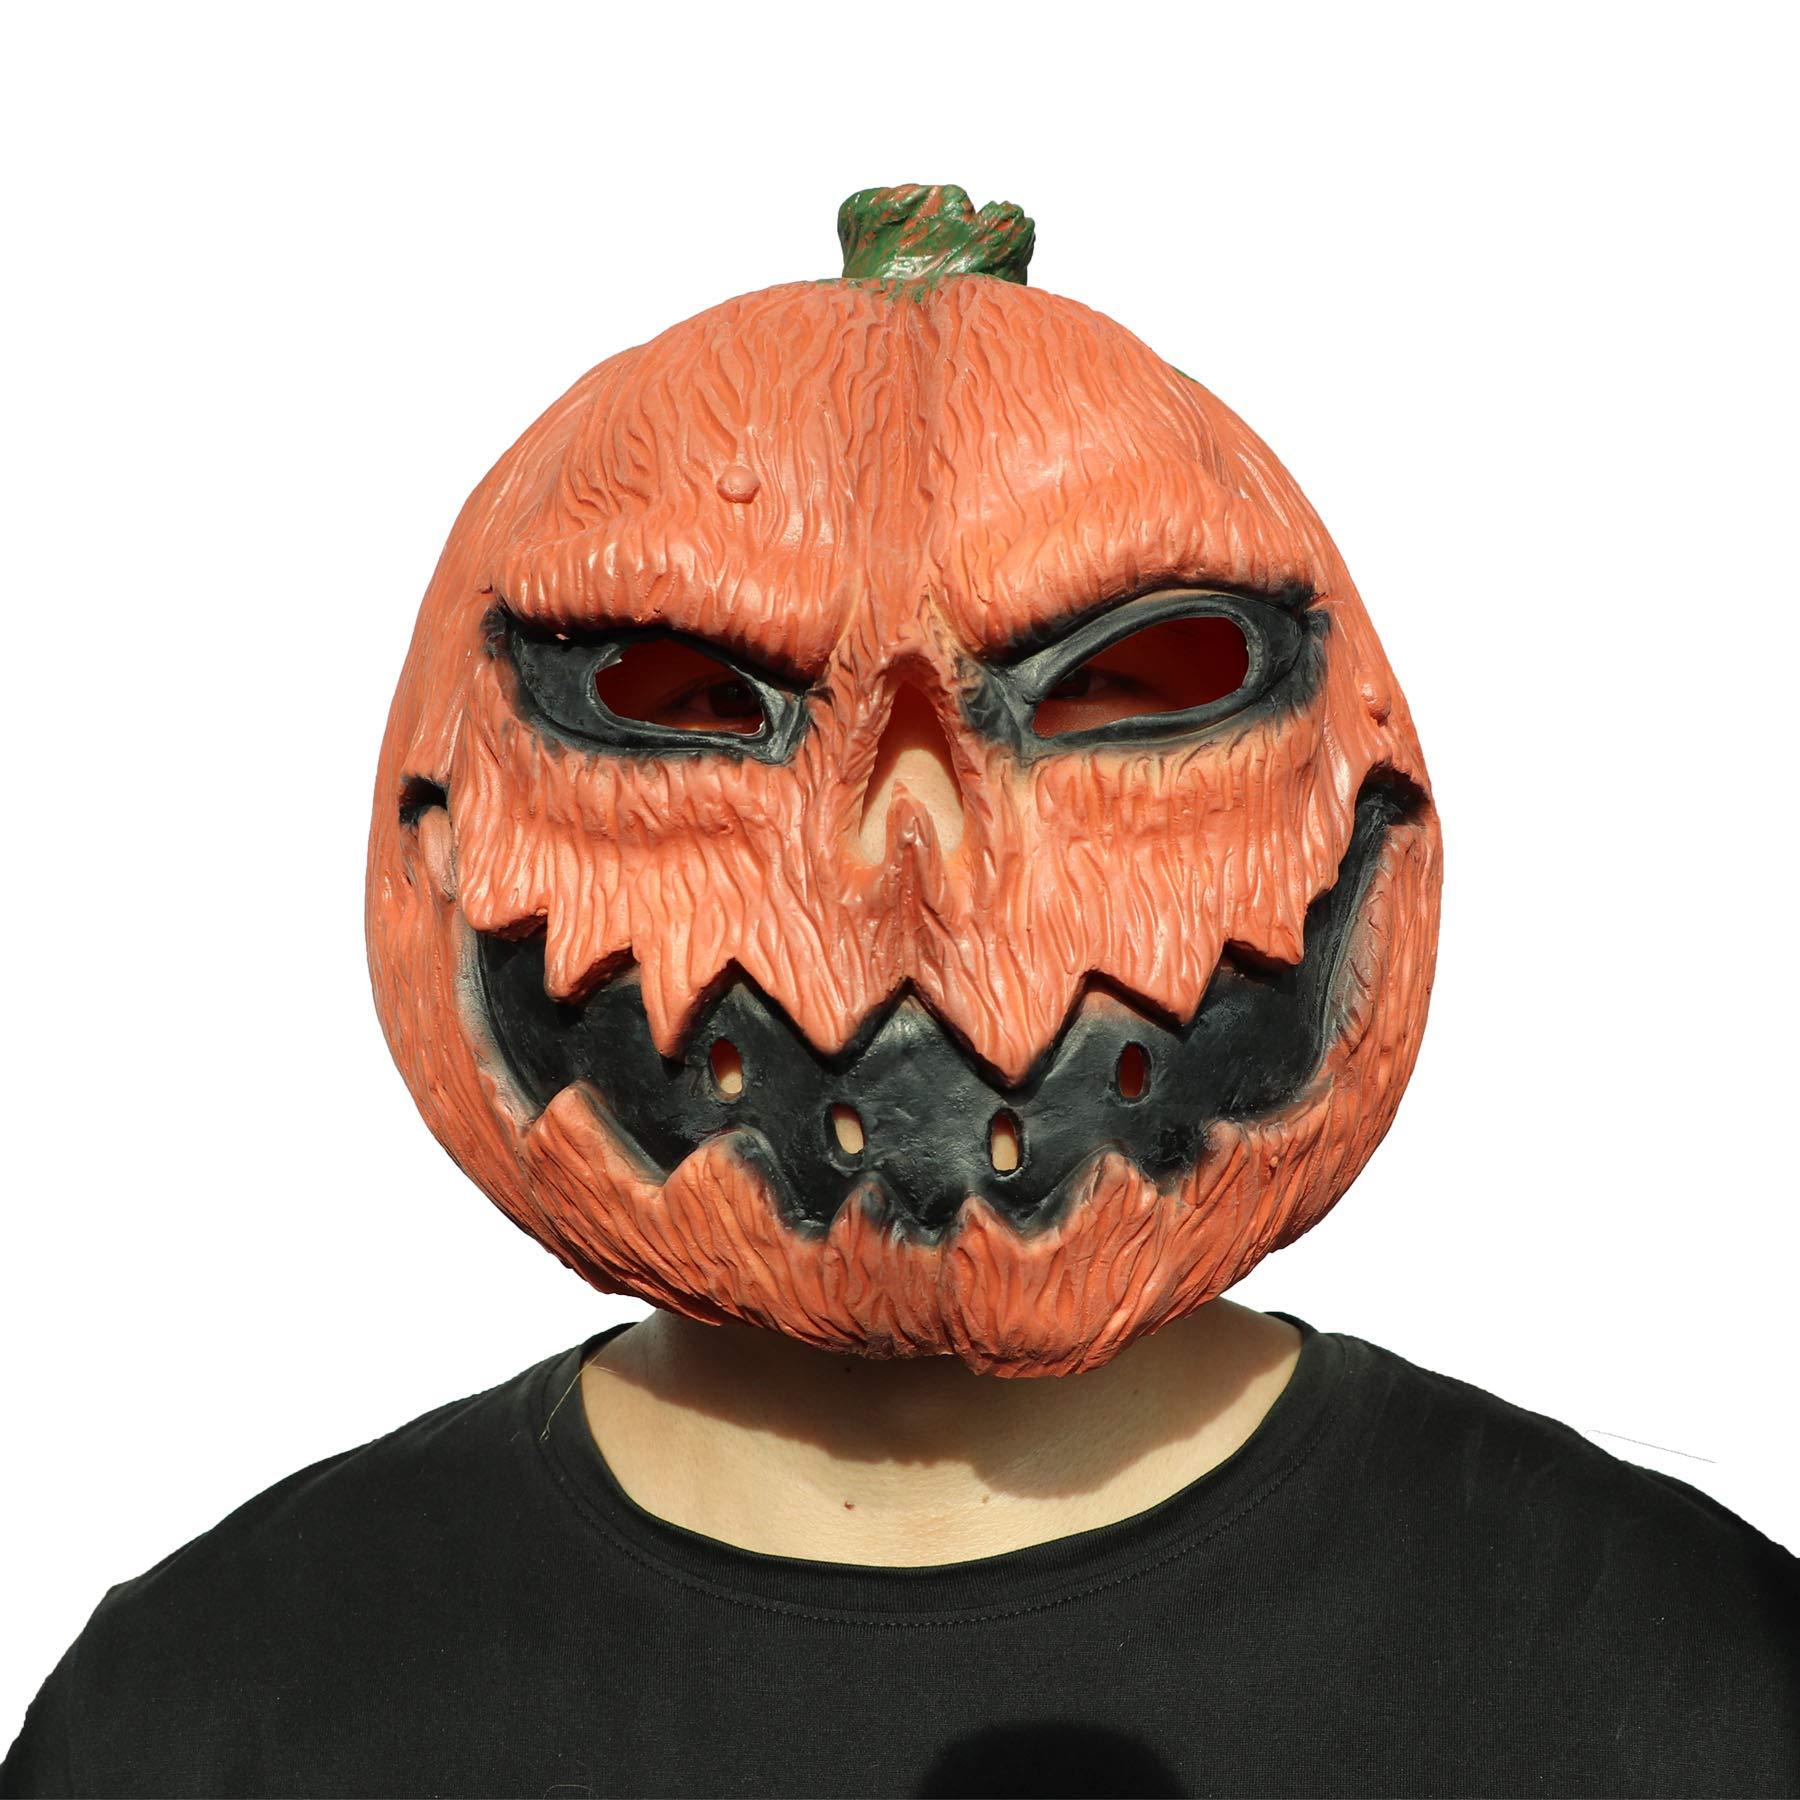 ifkoo Pumpkin Mask Deluxe Novelty Halloween Costume Party Props Pumpkin Latex Head Mask Orange